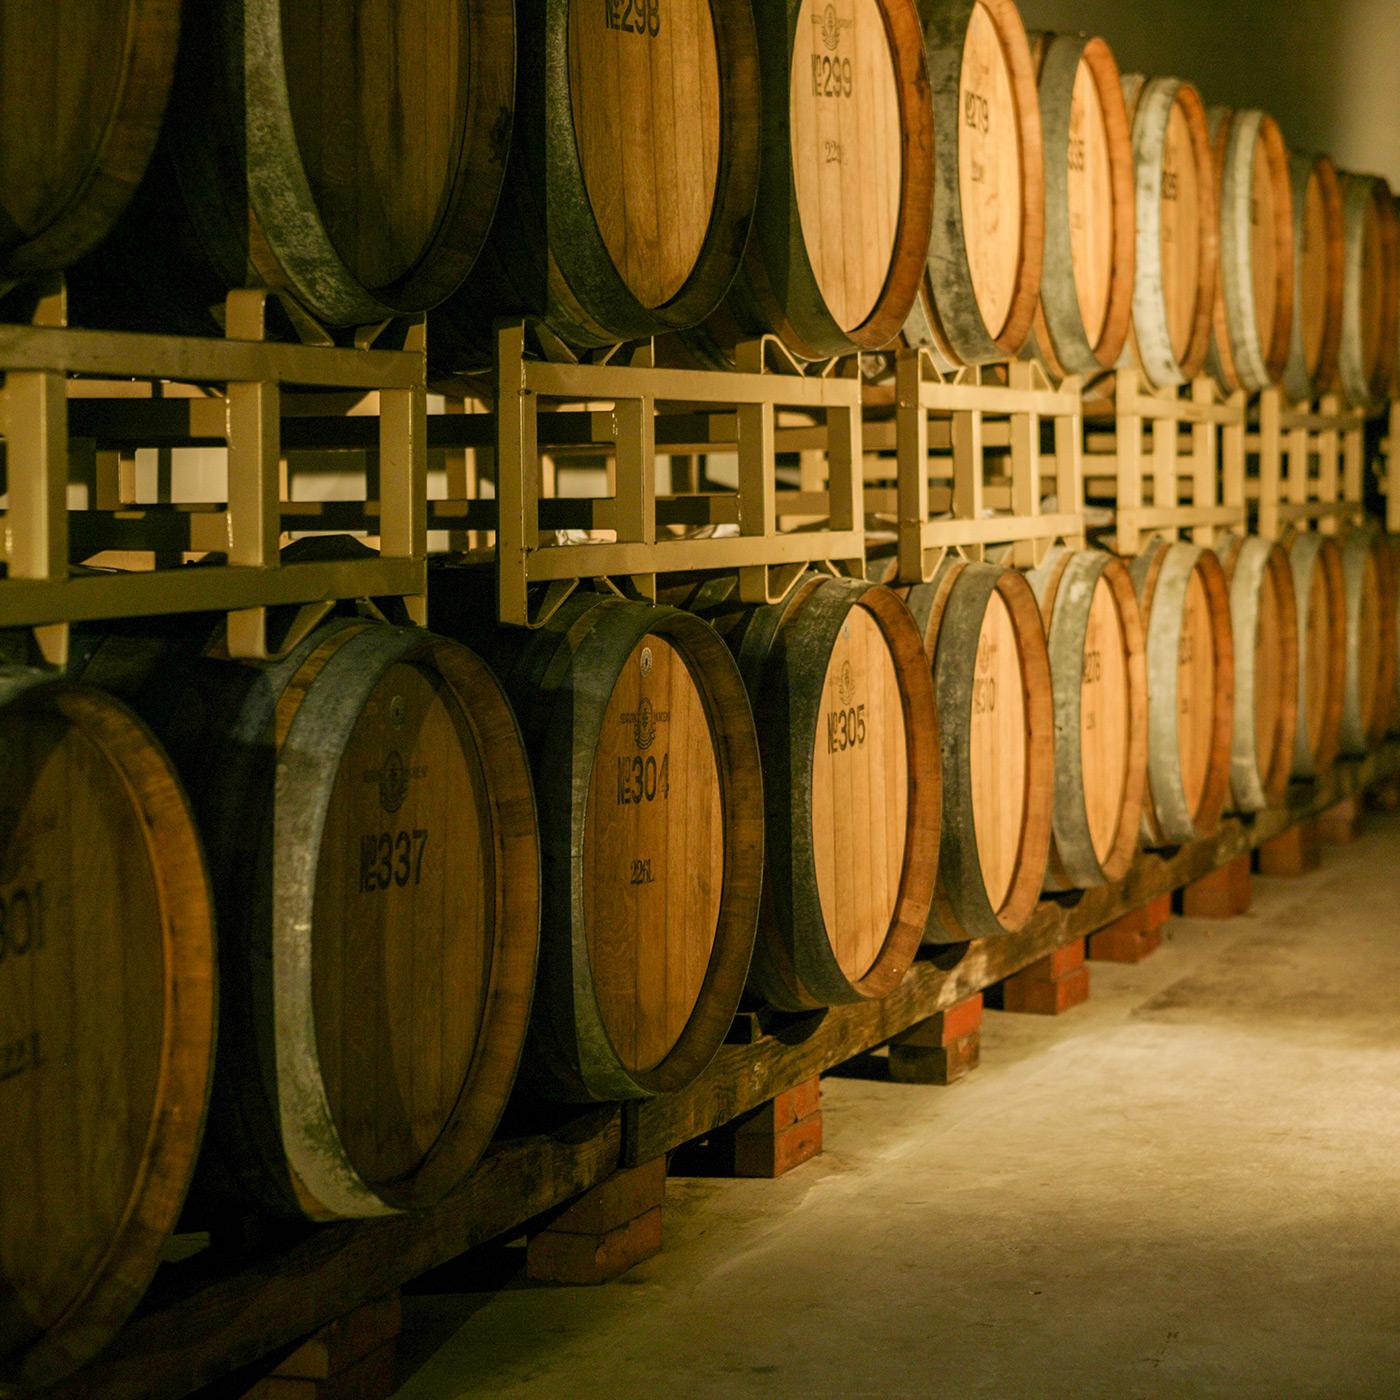 発酵させたワインは地下倉のオーク樽で静かに熟成させる。